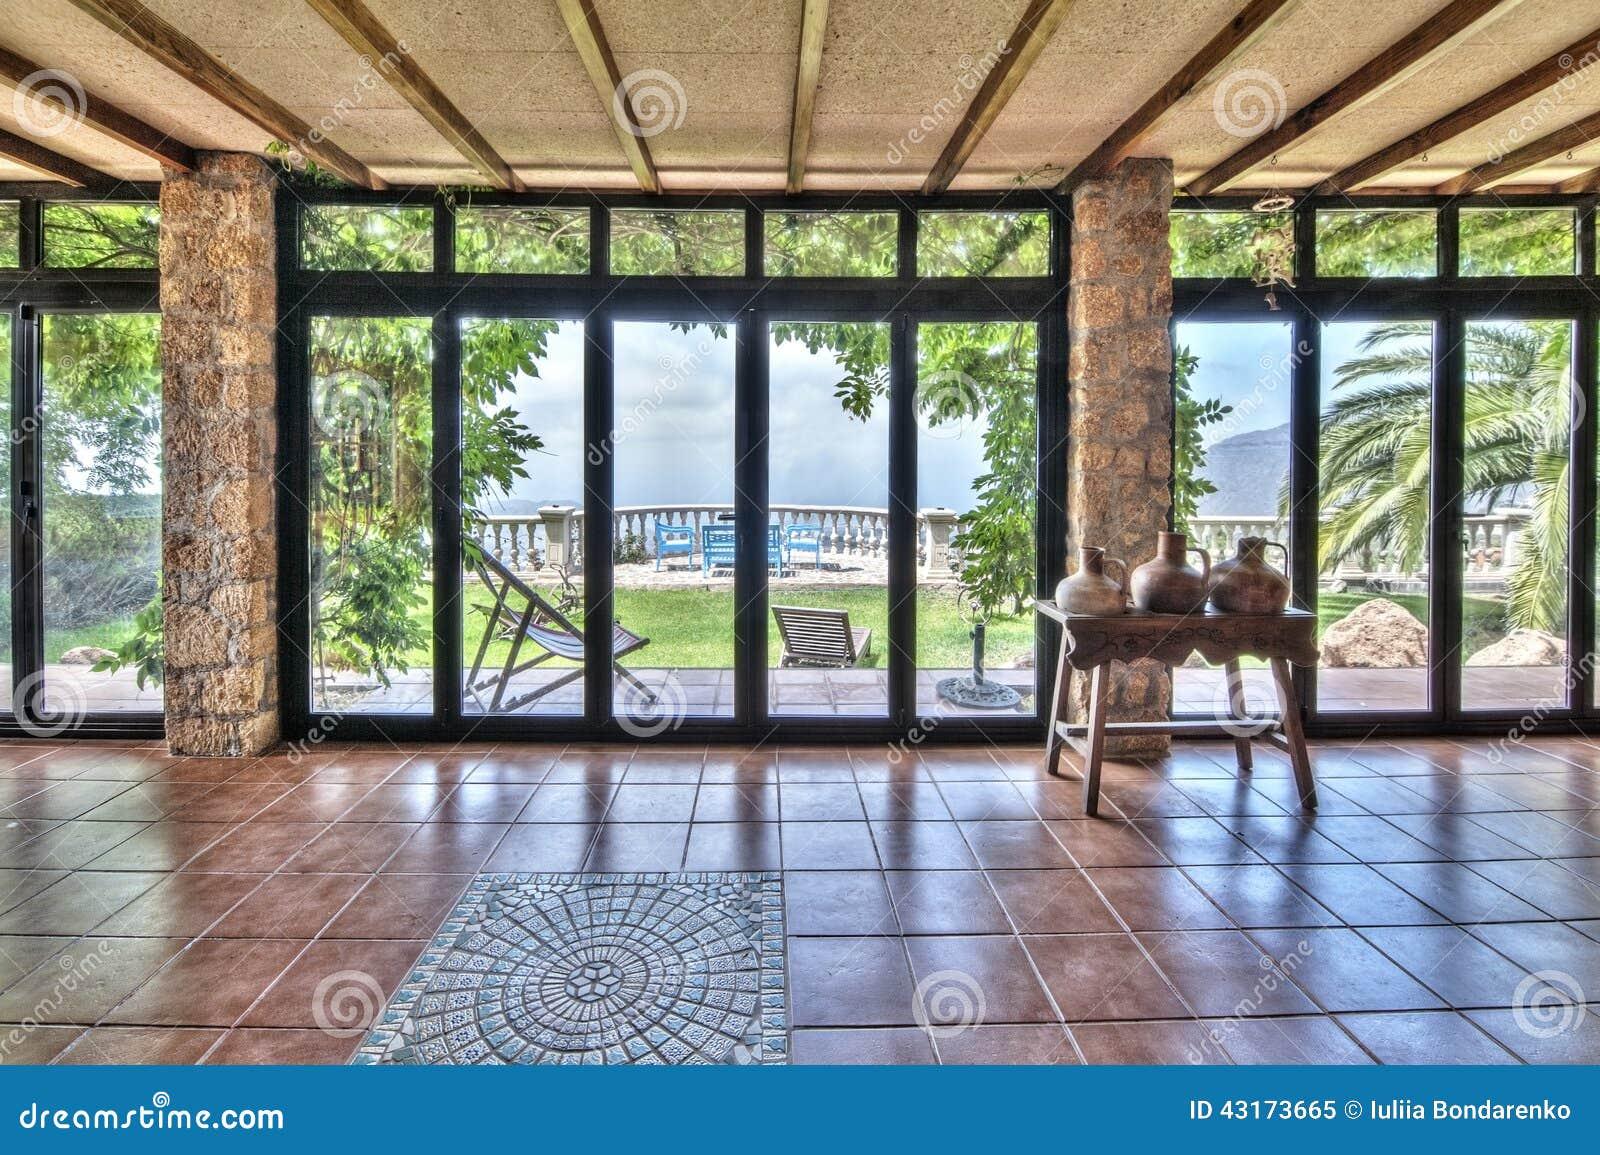 gro e fenster im landhaus mit sch ner aussicht stockbild bild von spur insel 43173665. Black Bedroom Furniture Sets. Home Design Ideas